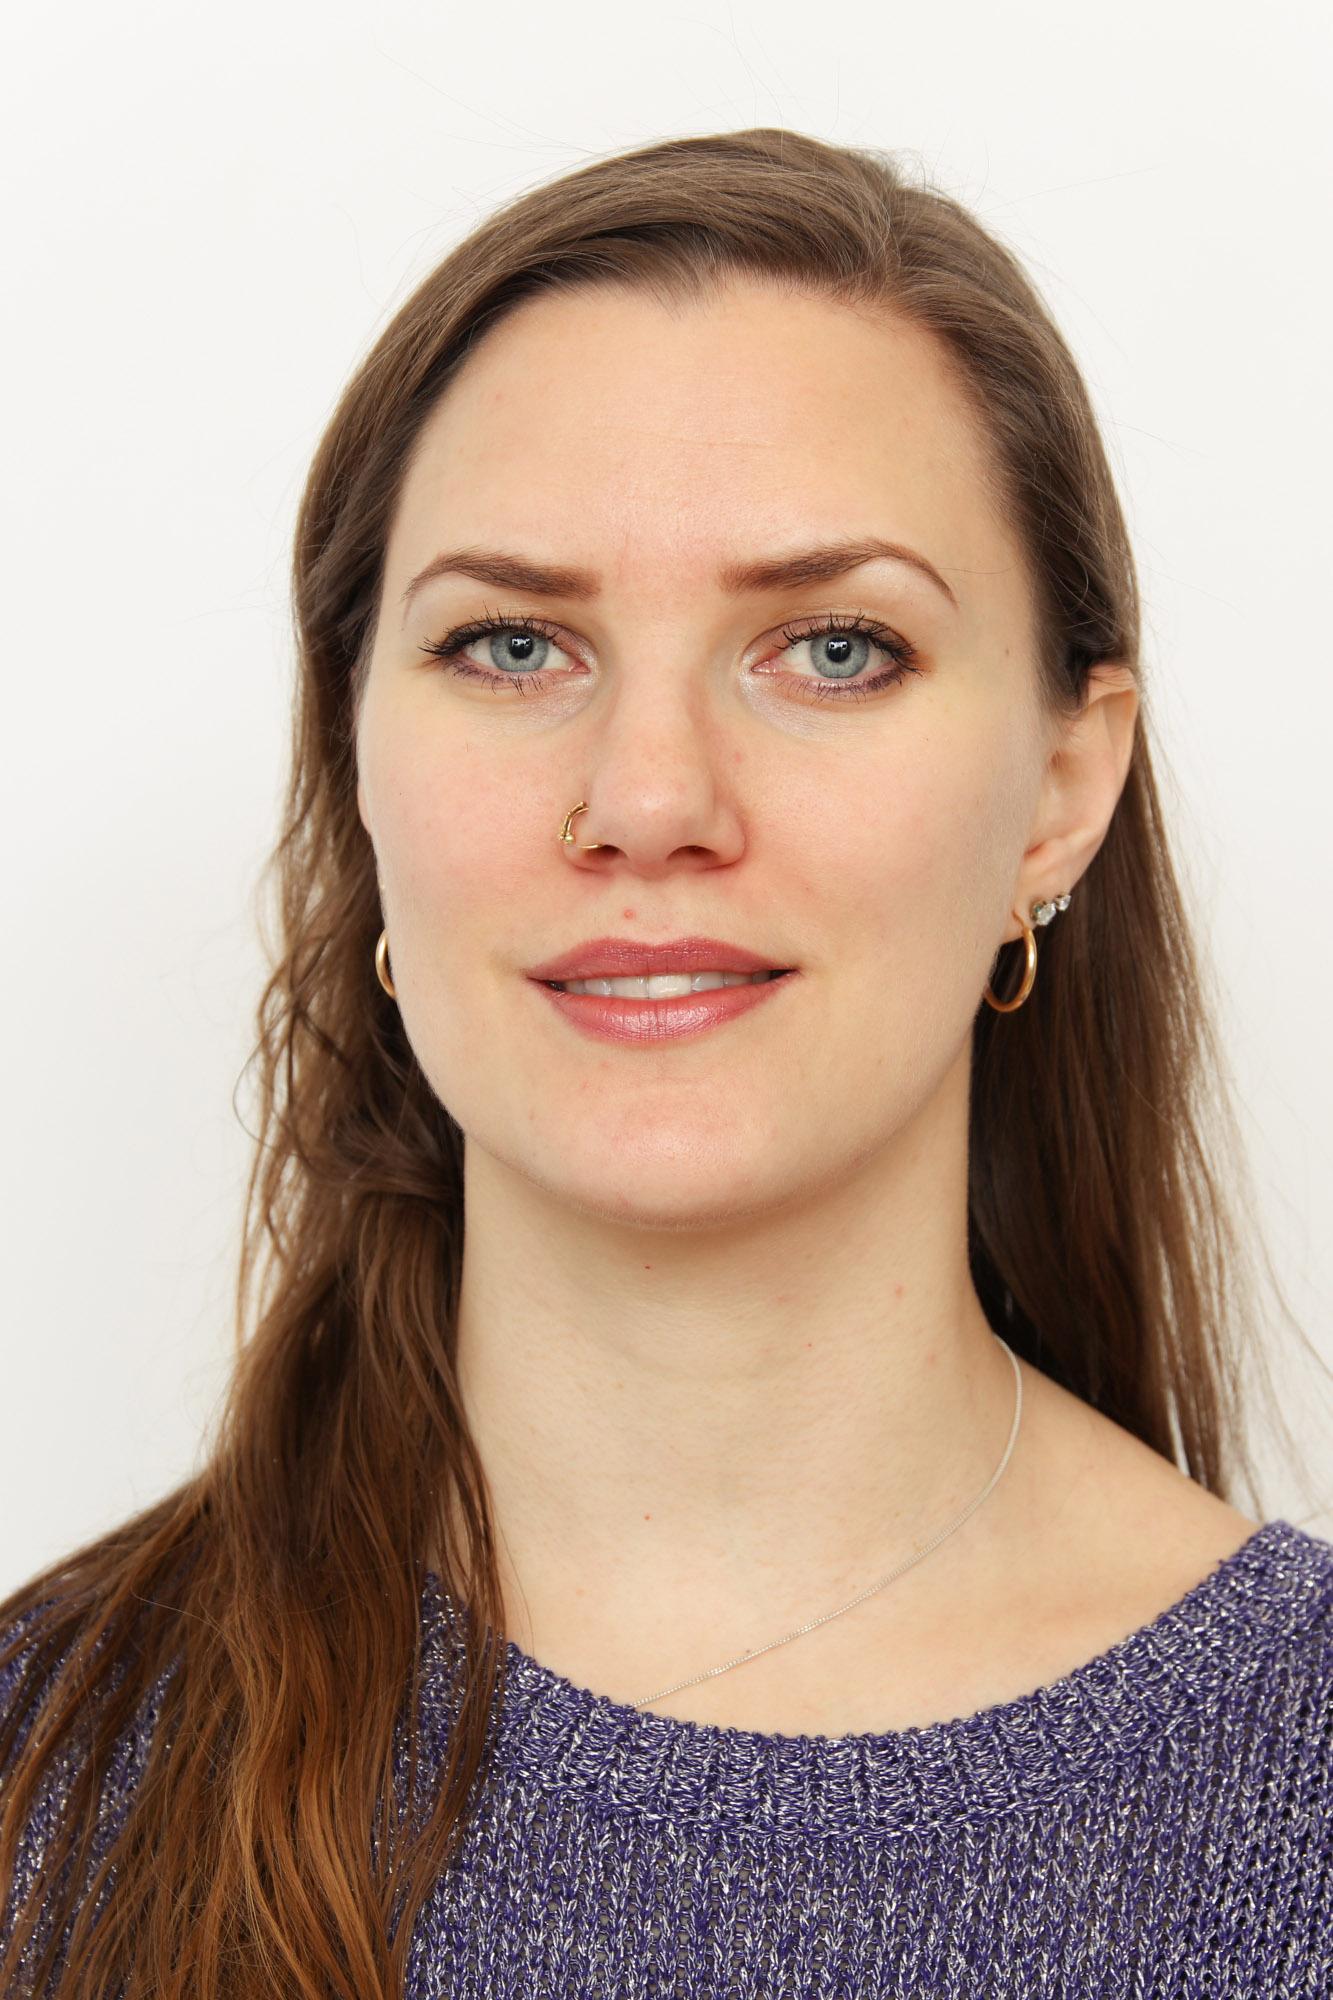 Billie Hammarberg, workshopledare och dansare. Foto: SODA Casting/Daniel Bothén